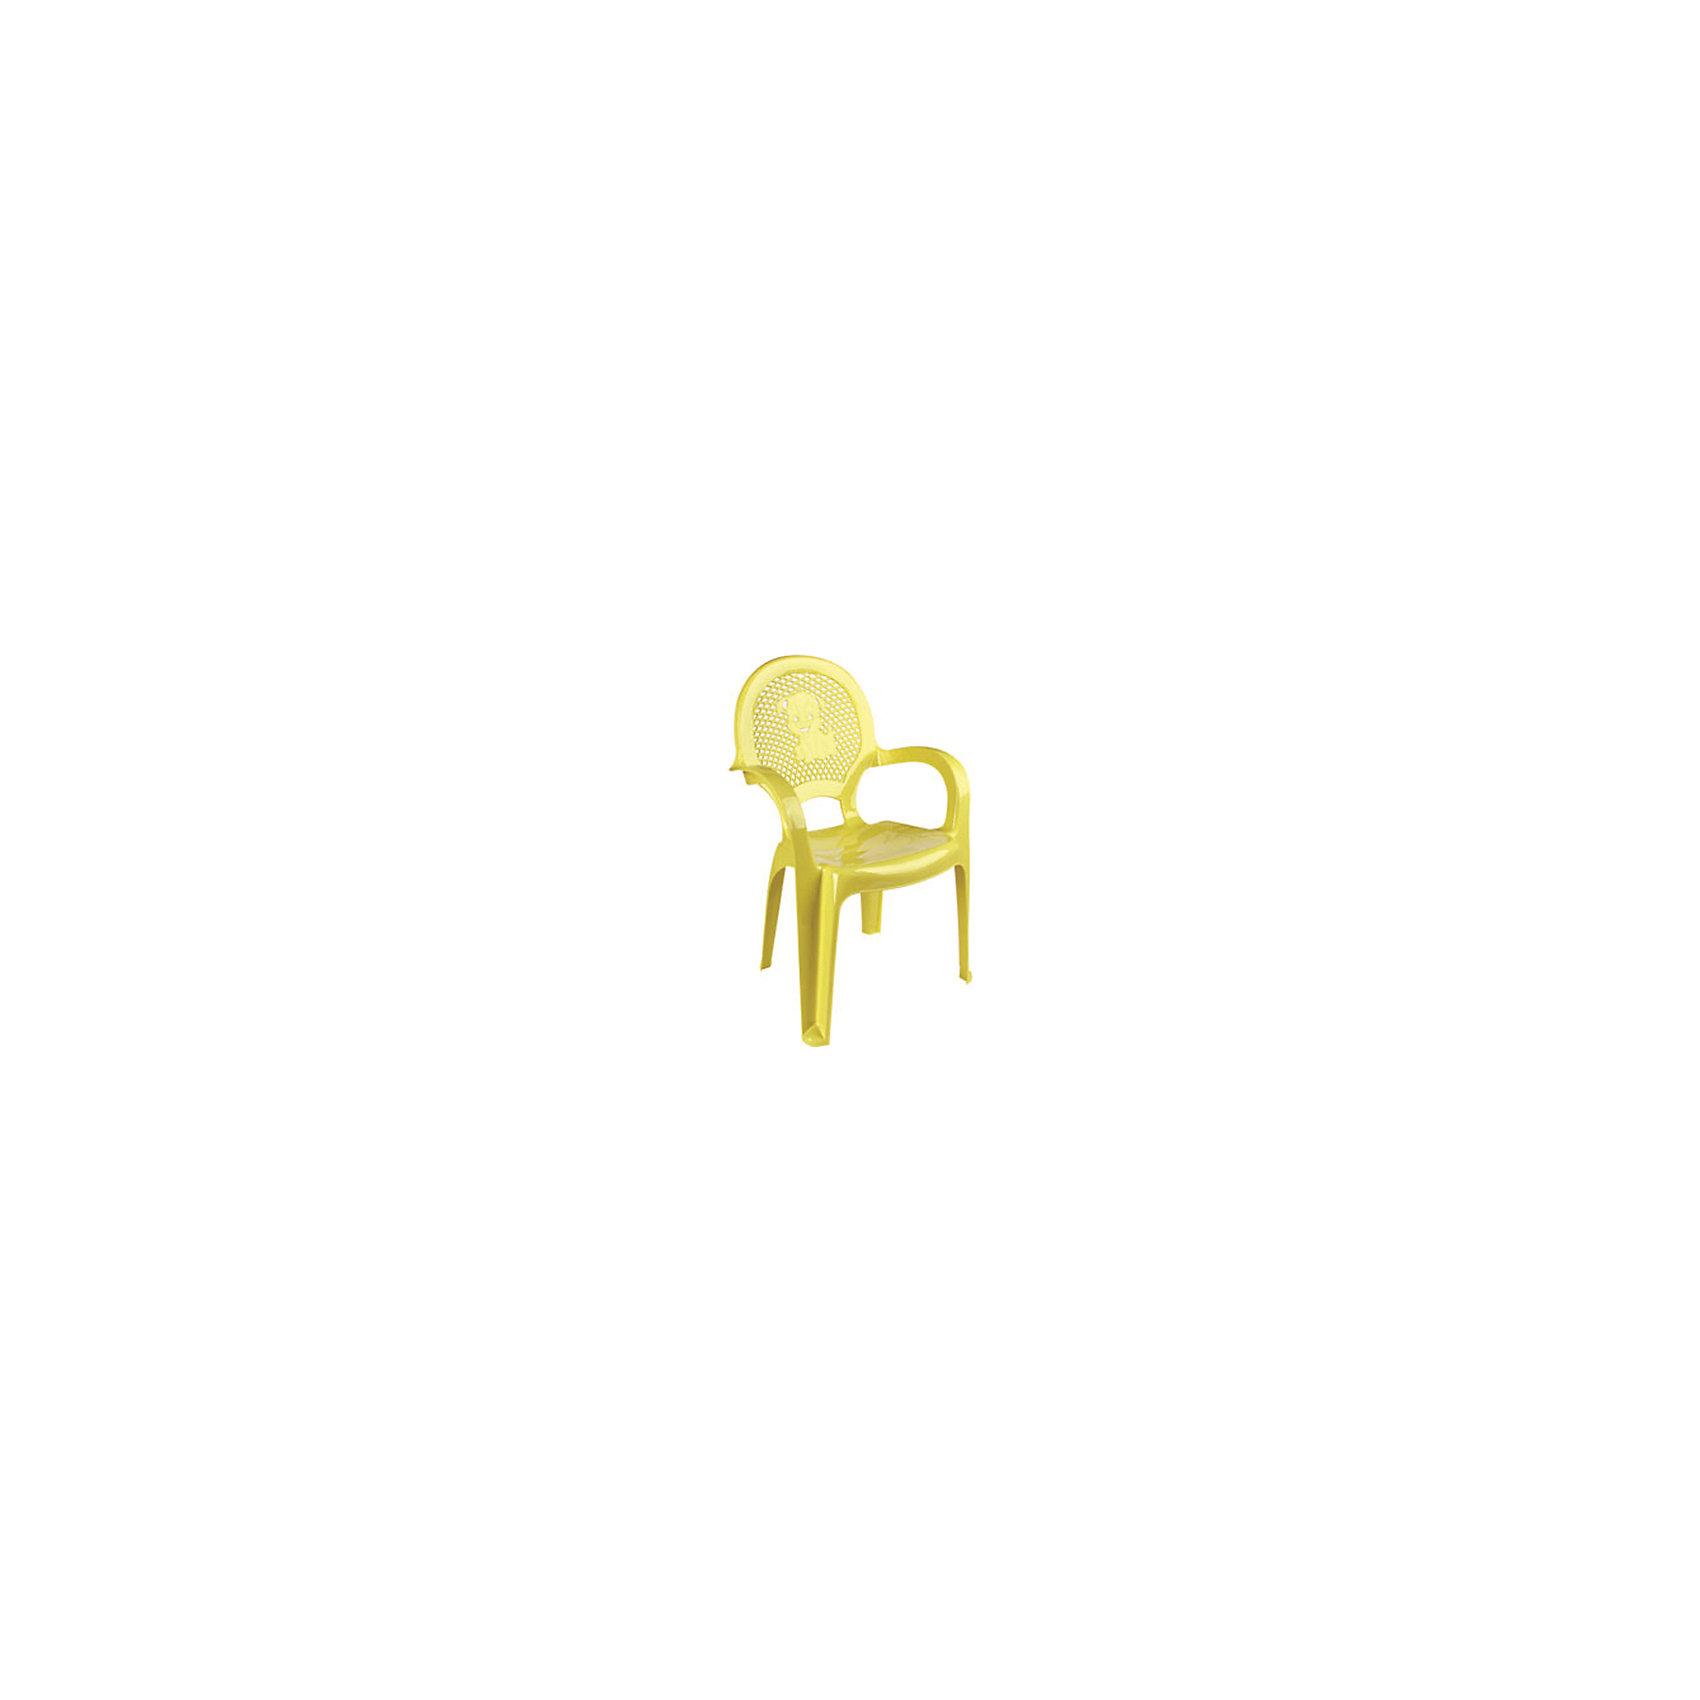 Желтый стулЯркий, удобный стульчик для вашего малыша. Изделие изготовлено из высококачественной пластмассы с использованием современных технологий. Все условия для комфорта вашего малыша: спинка высокая, сетчатая, эргономичные подлокотники, форма компактная и удобная для хранения - стулья можно составить один в другой, легко моется водой с любым моющим средством. <br><br>Дополнительная информация:<br><br>Материал: пластик.<br>Размер: высота - 55 см.<br>Цвет: желтый.<br><br>Детский стульчик в желтом цвете, можно купить в нашем магазине.<br><br>Ширина мм: 750<br>Глубина мм: 480<br>Высота мм: 380<br>Вес г: 600<br>Возраст от месяцев: 24<br>Возраст до месяцев: 84<br>Пол: Унисекс<br>Возраст: Детский<br>SKU: 4718401